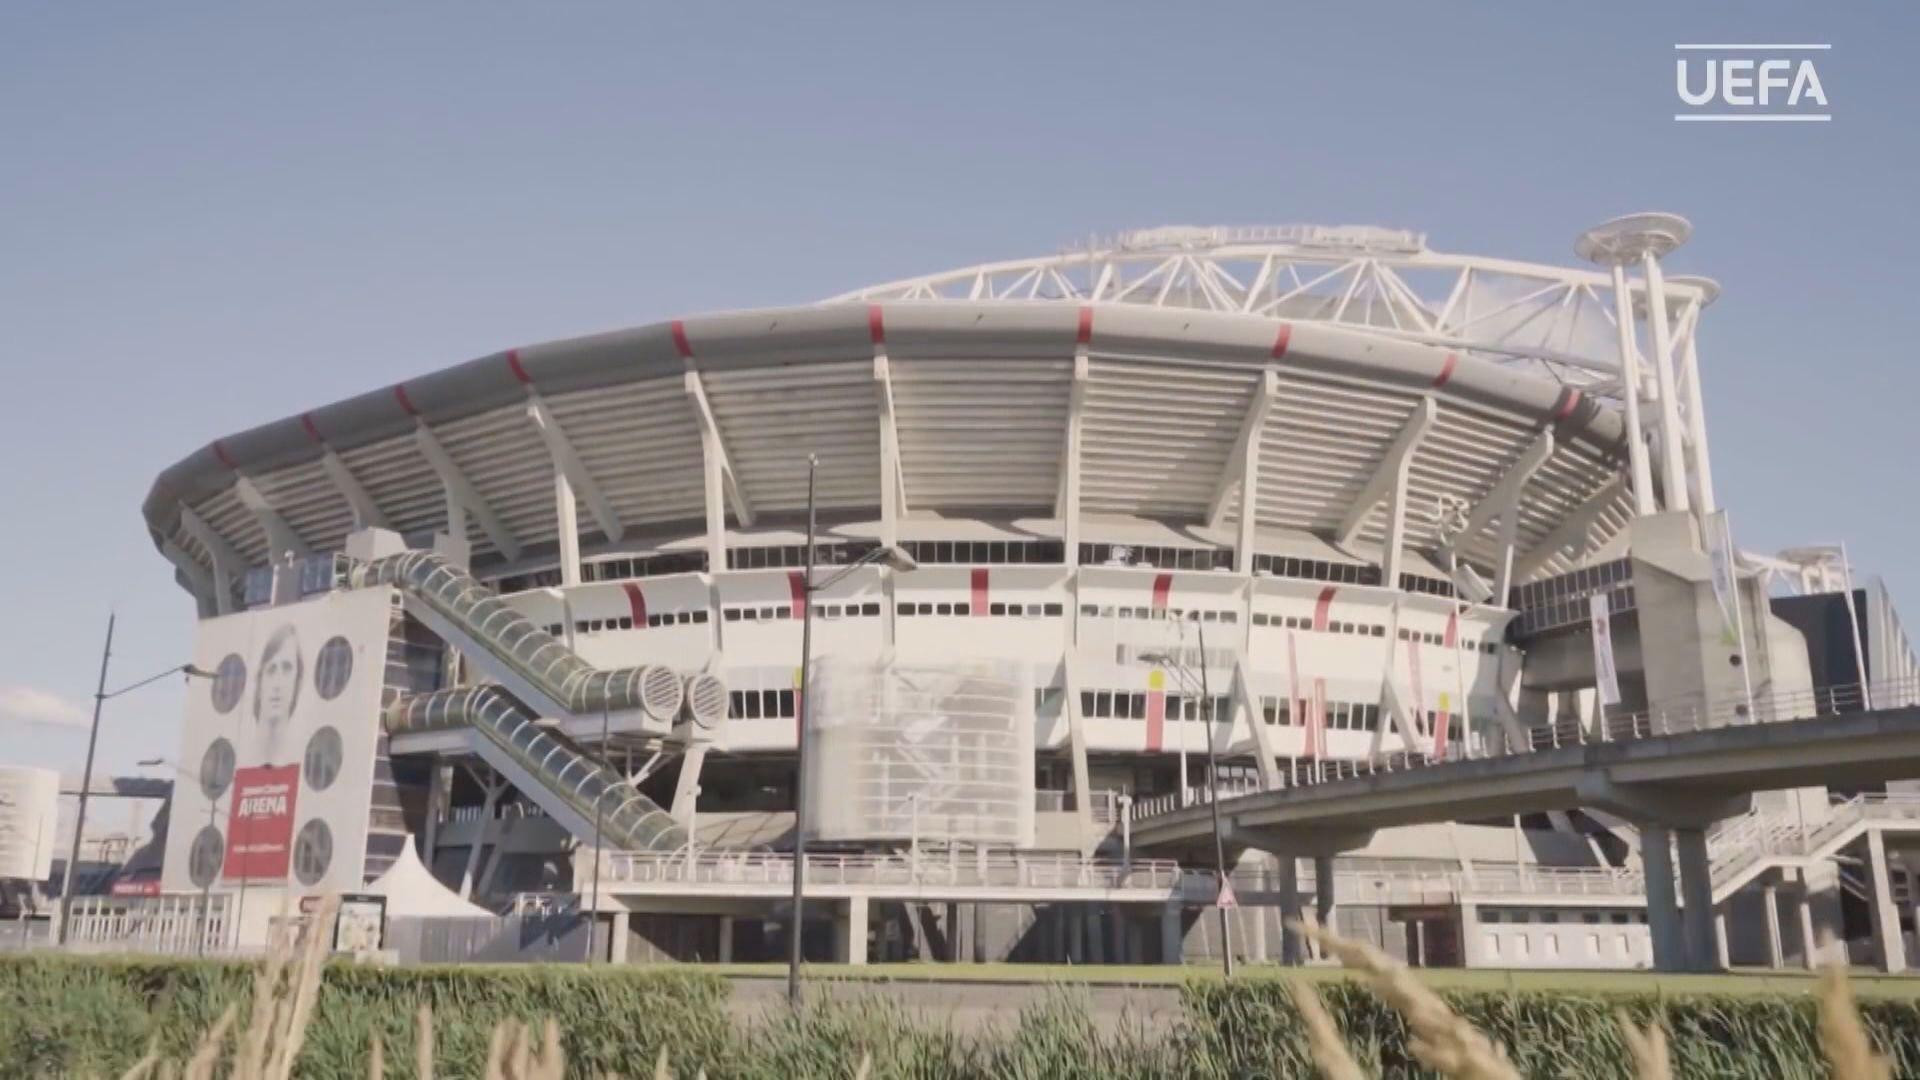 歐洲足協會長施費連:球隊巡迴比賽形式難以再實行